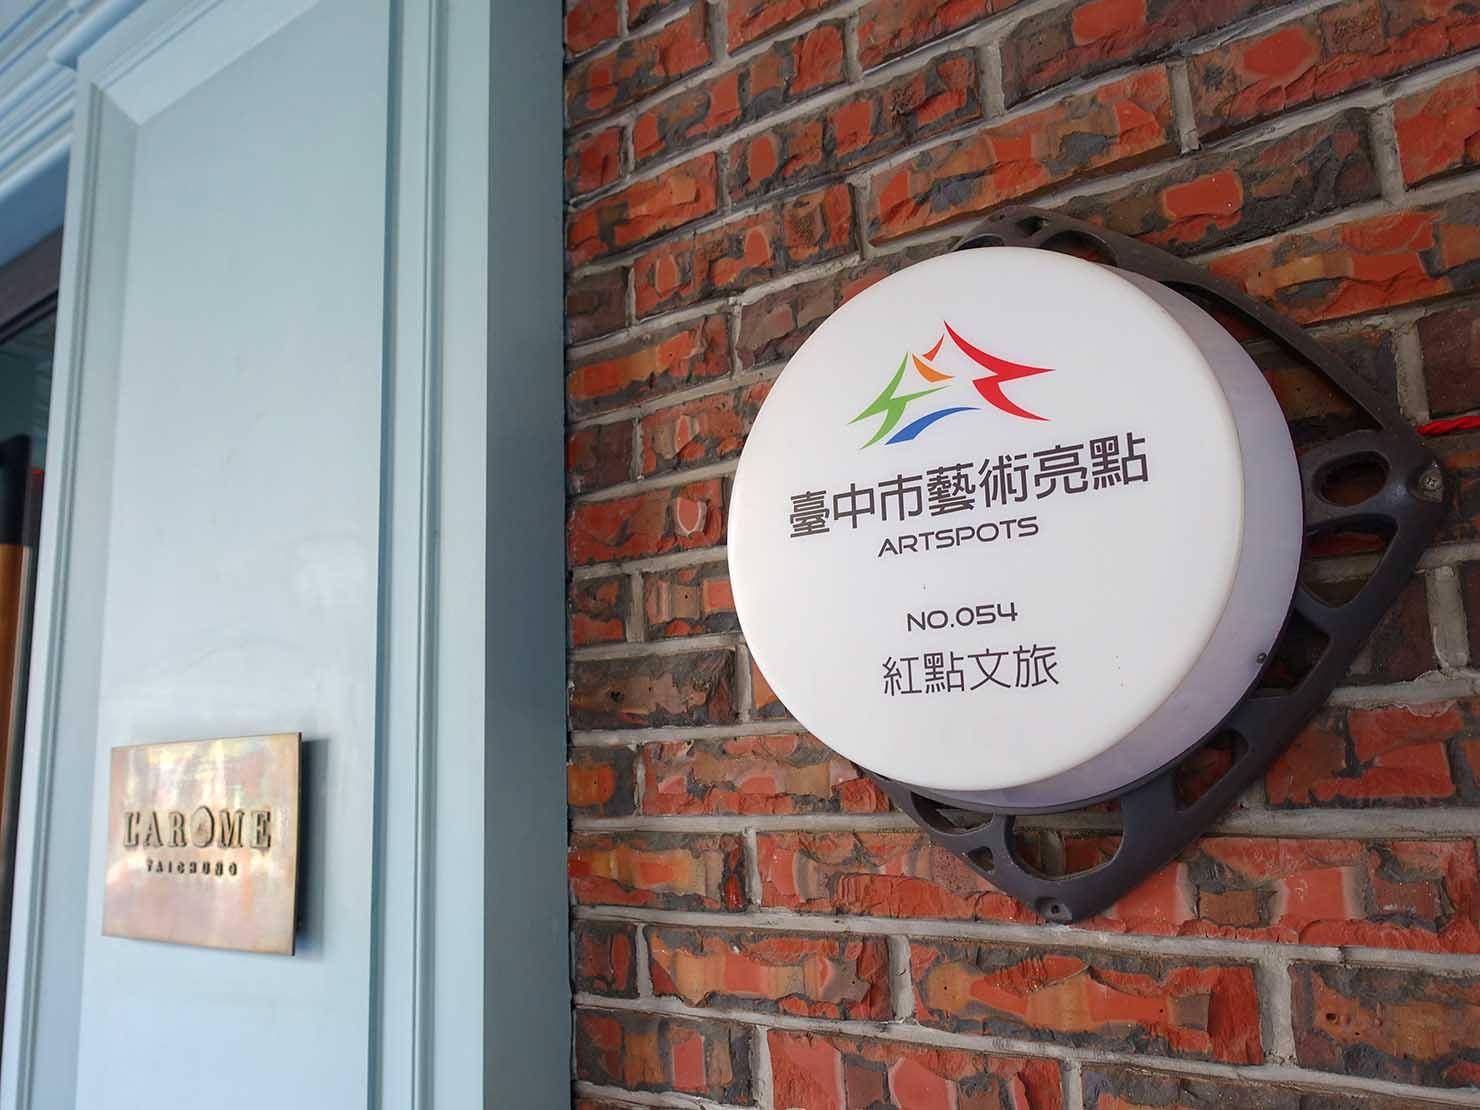 台中駅前のおすすめデザインホテル「紅點文旅 RedDot Hotel」のエントランス壁に書かれた台中市藝術亮點のサイン